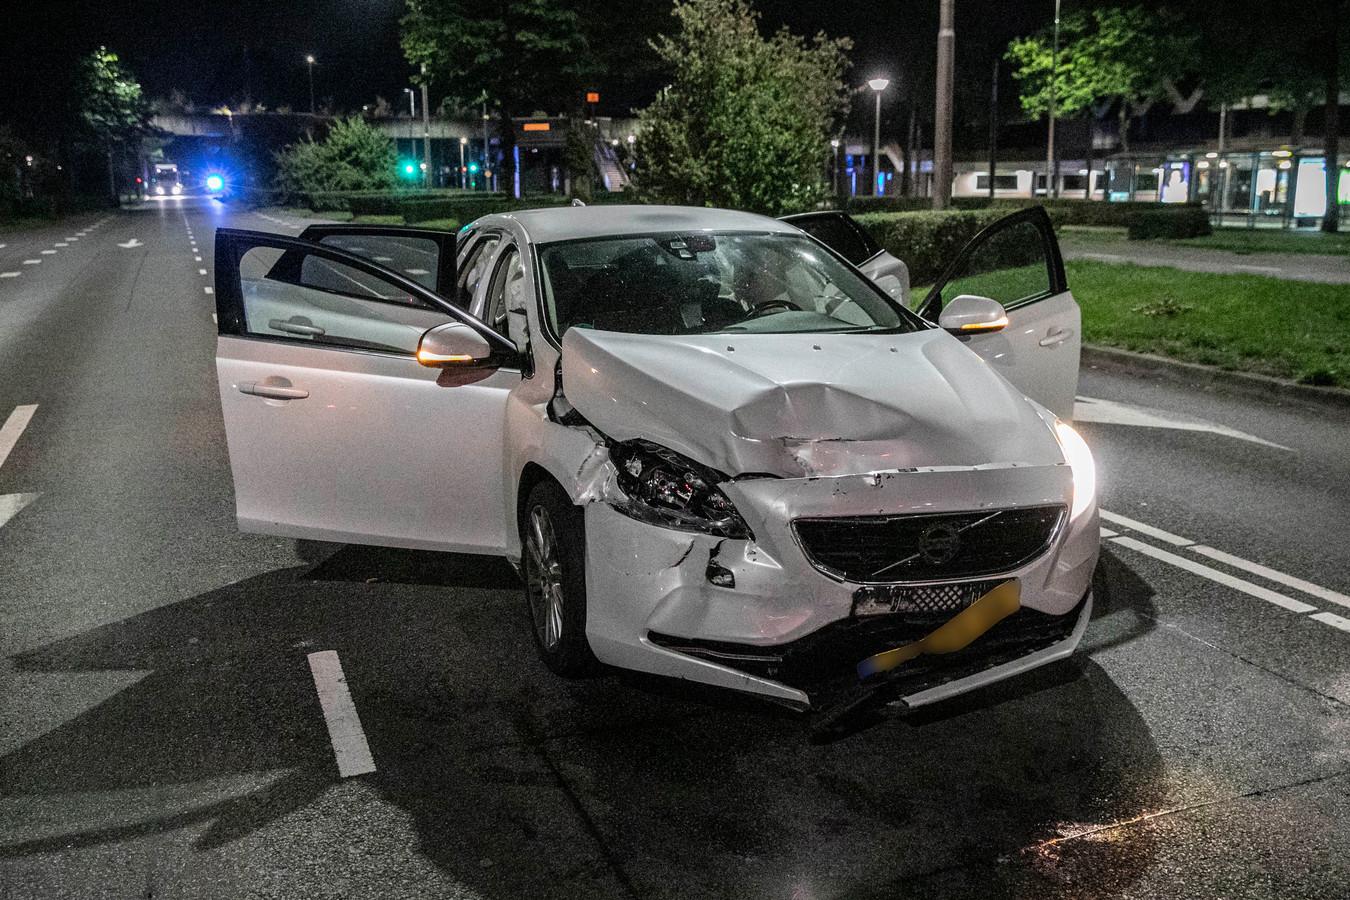 Het ongeluk gebeurde op de Burgemeester Matsersingel in Arnhem, bij het blauwe zwaailicht linksboven op de video. De witte Volvo kwam 200 meter verderop tot stilstand.